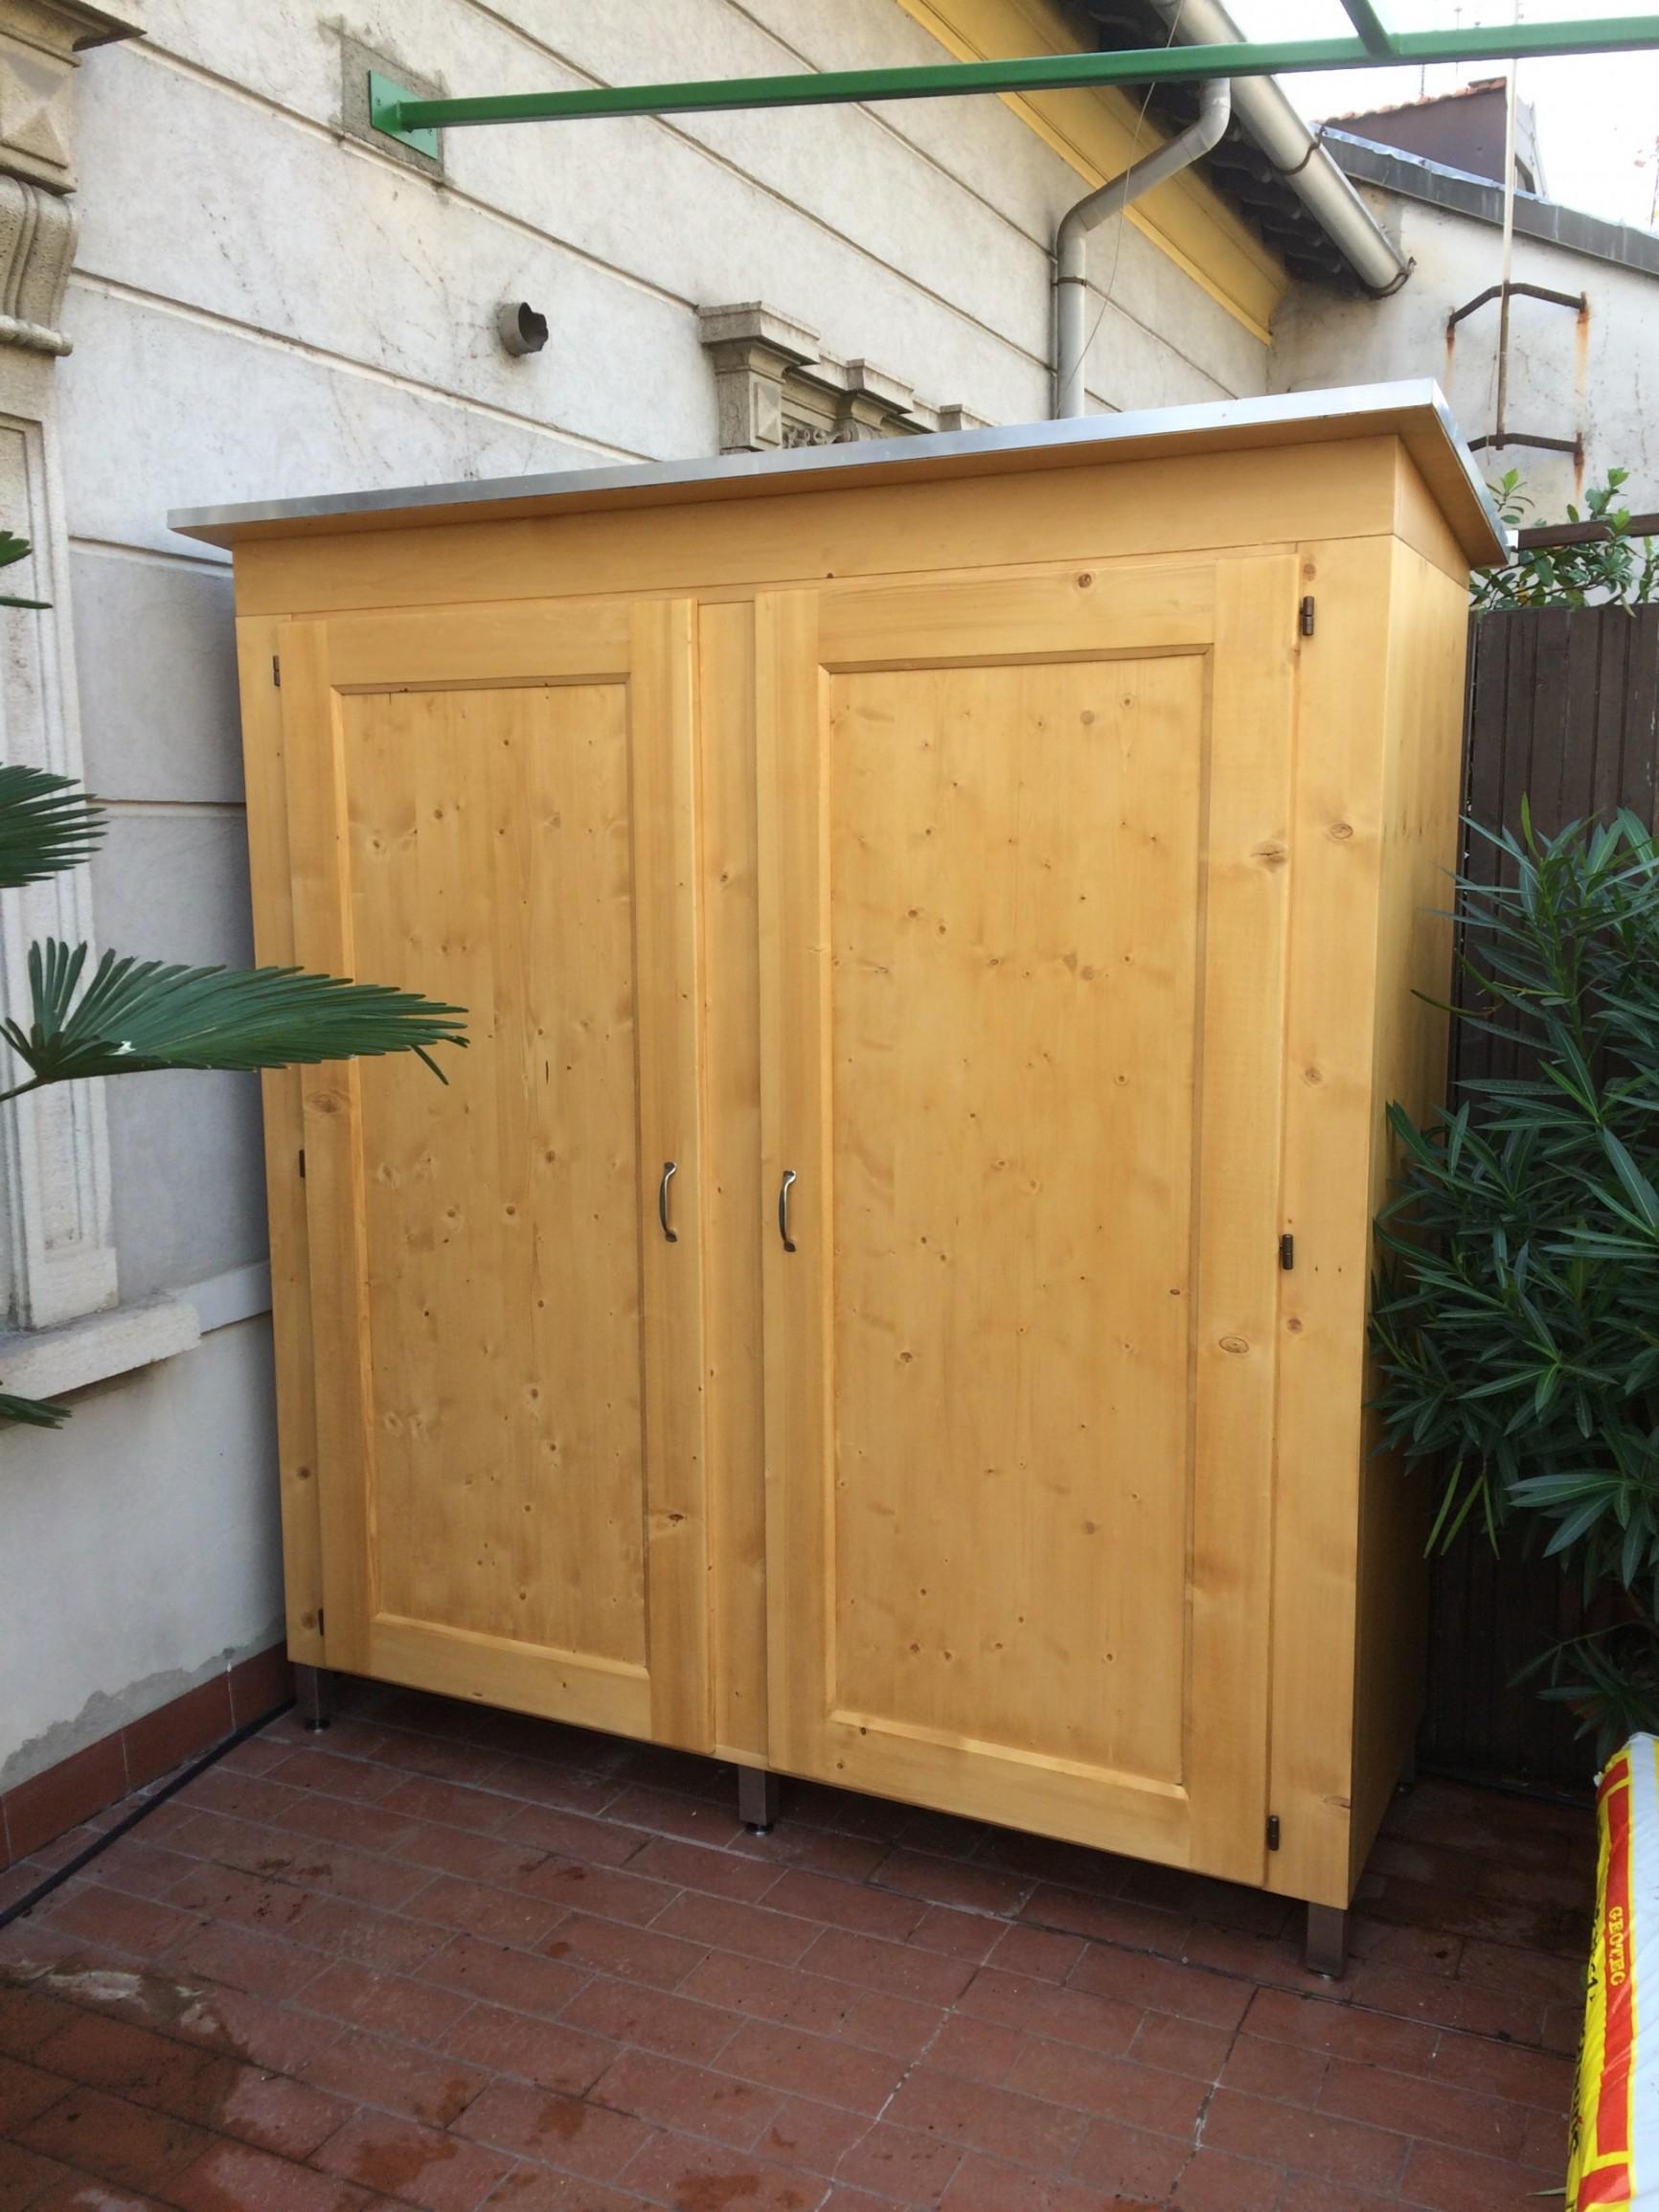 Letti e armadi in legno su misura fadini mobili cerea verona - Armadi per esterno in legno ...